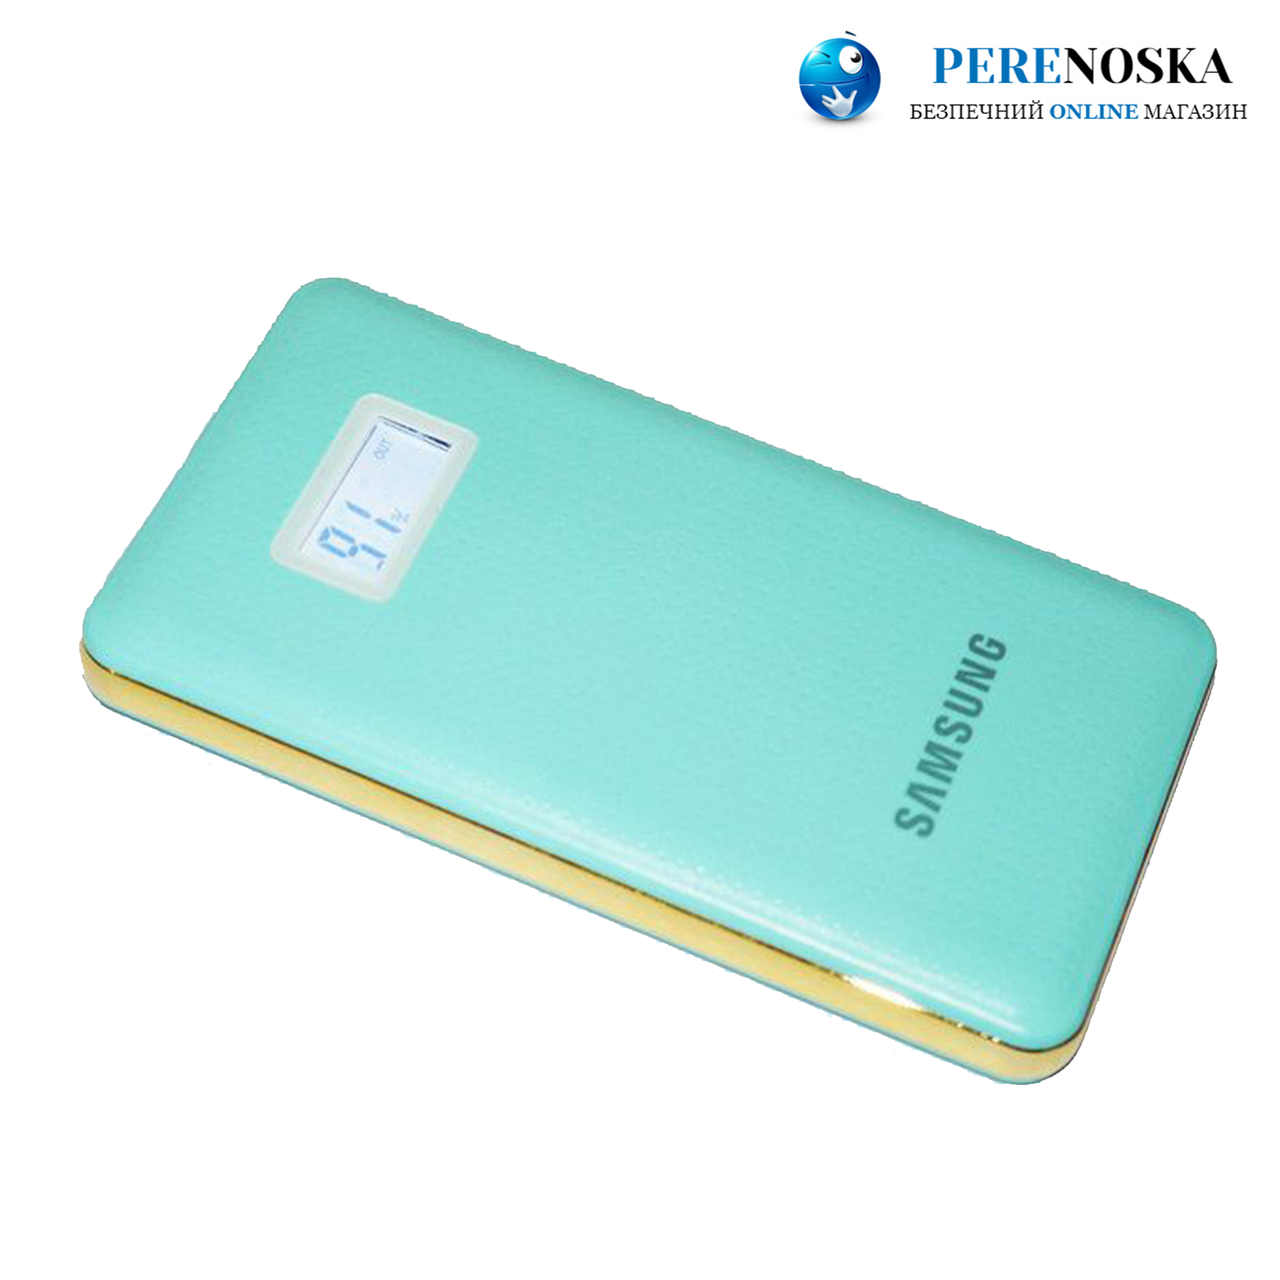 Power Bank Samsung 20000 mAh LCD 2xUSB